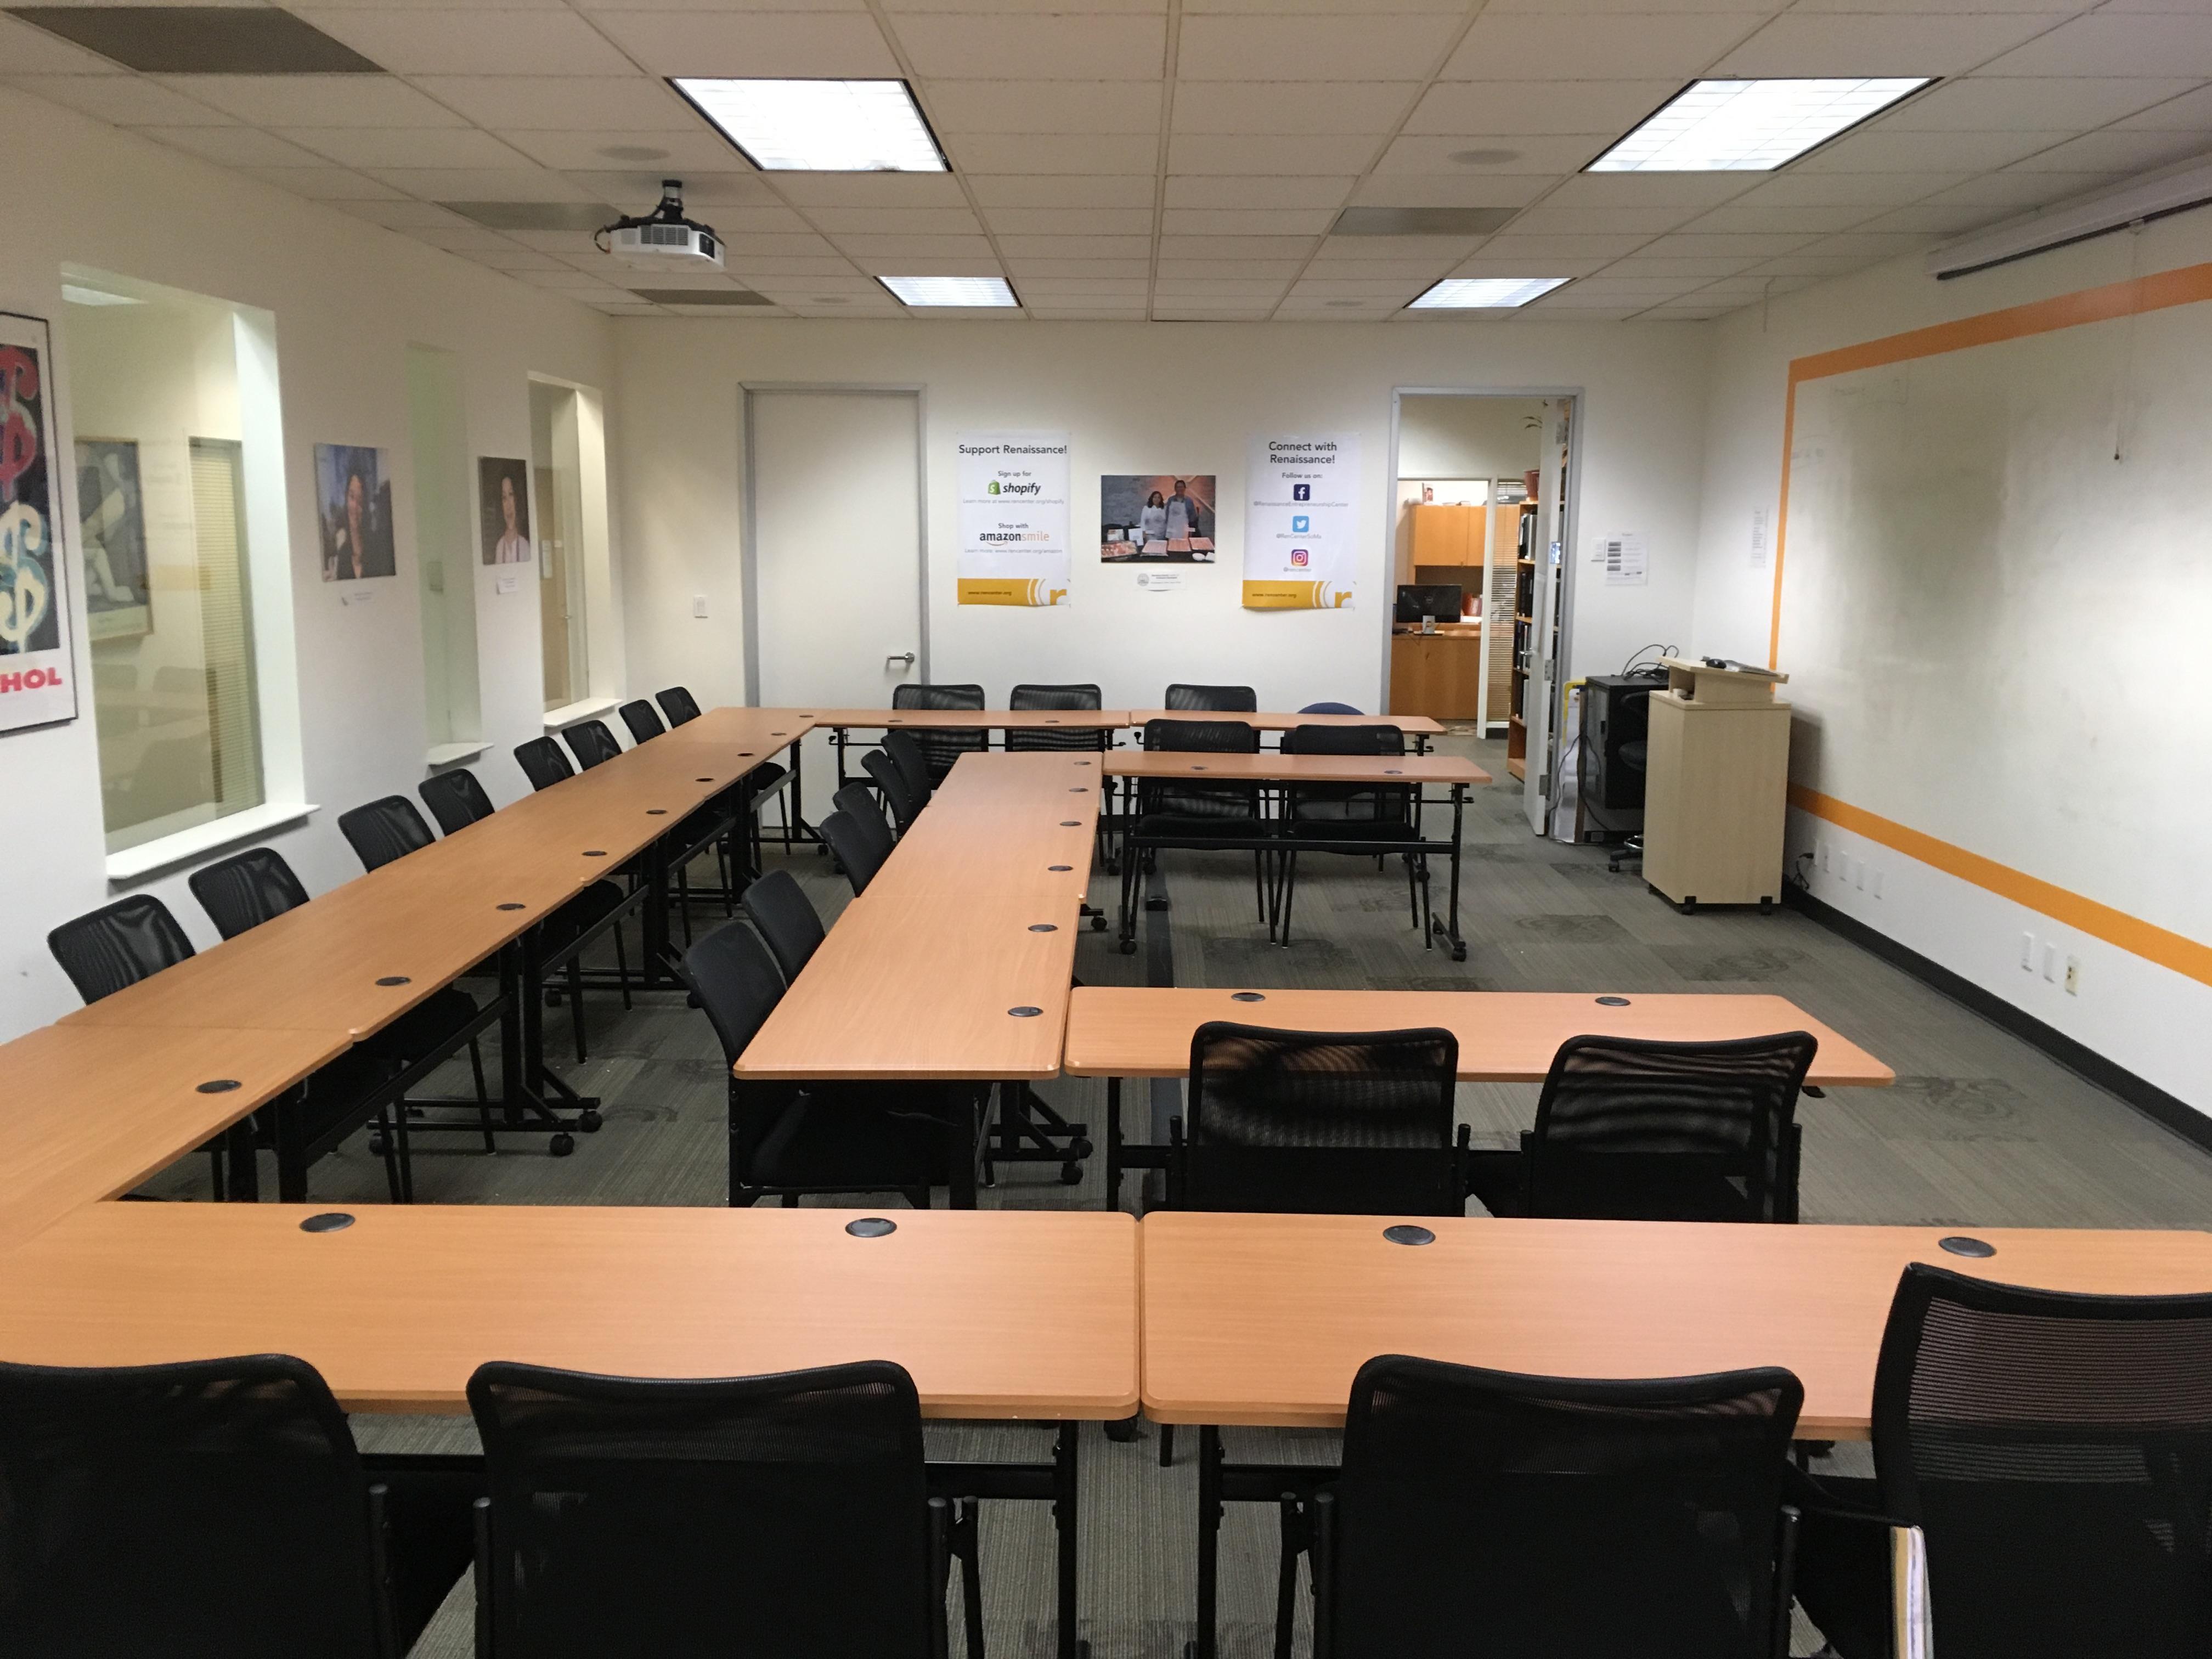 Renaissance Entrepreneurship Center - Newly Furnished Large Classroom